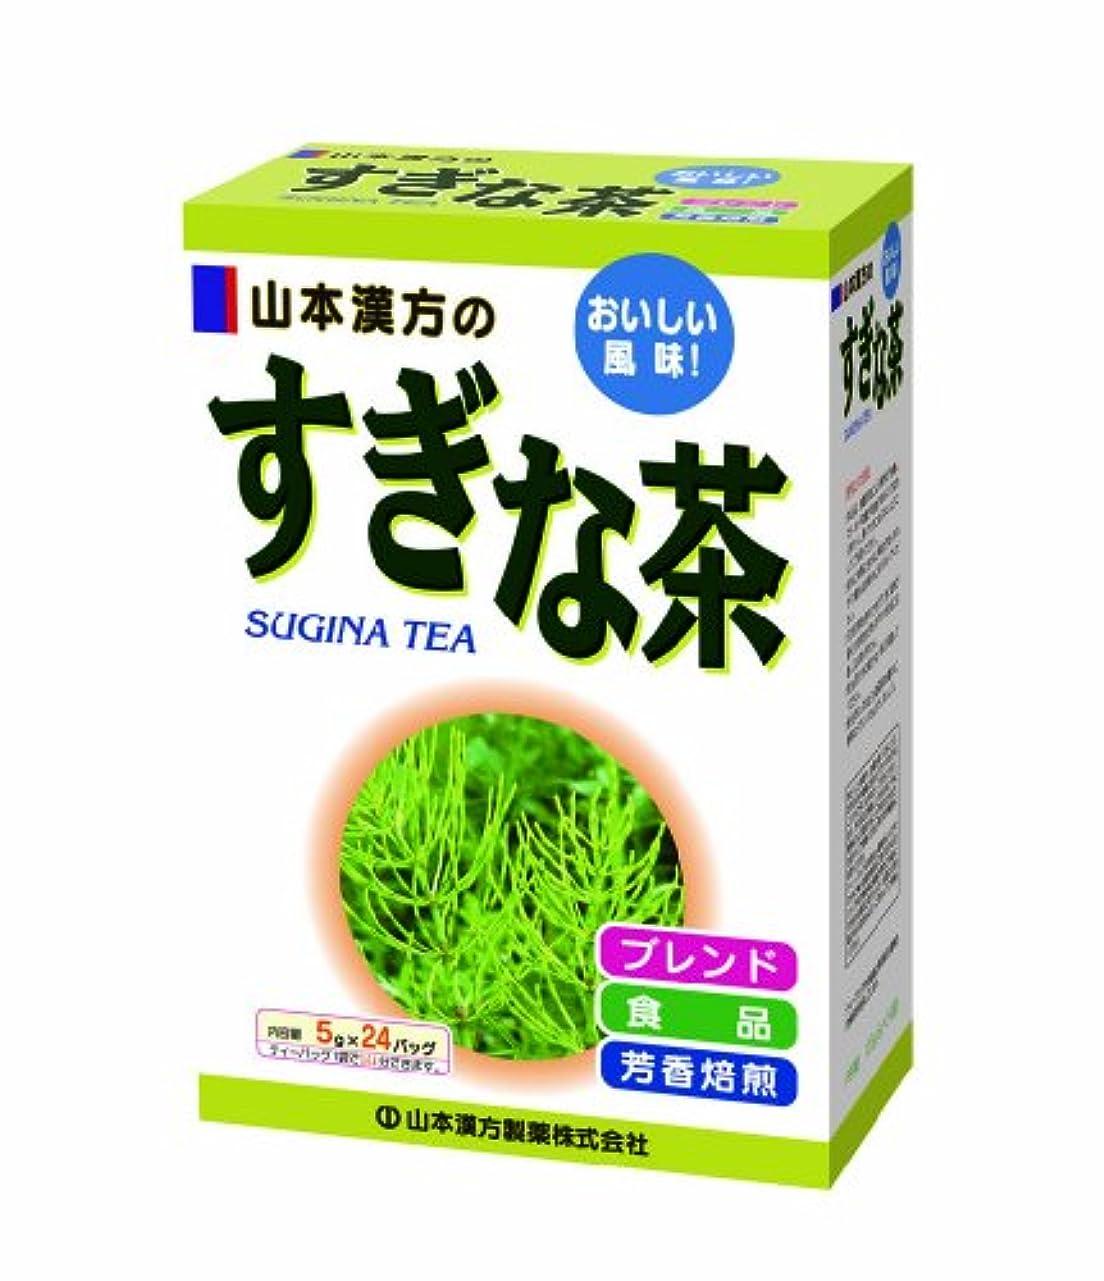 六月野生程度山本漢方製薬 すぎな茶 5gX24H